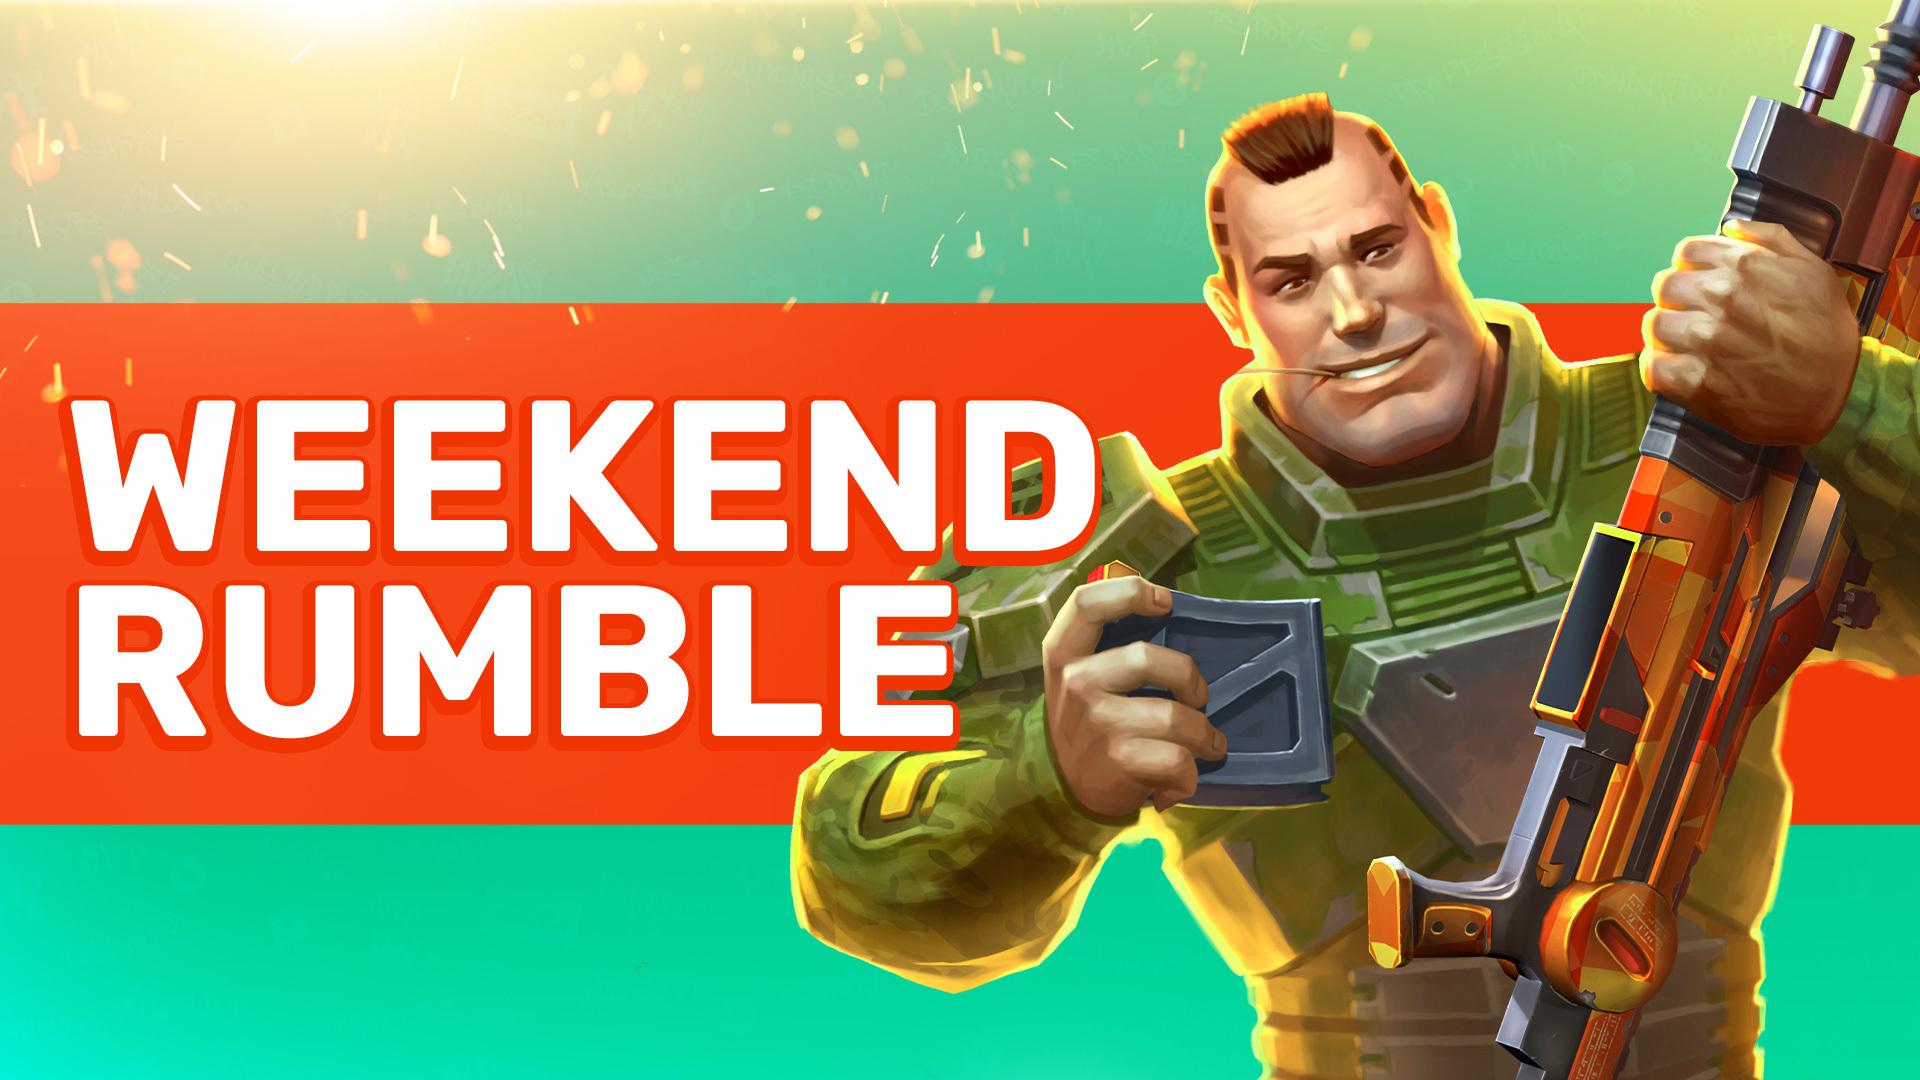 60072126503af_WeekendRumble_header_1920x1080